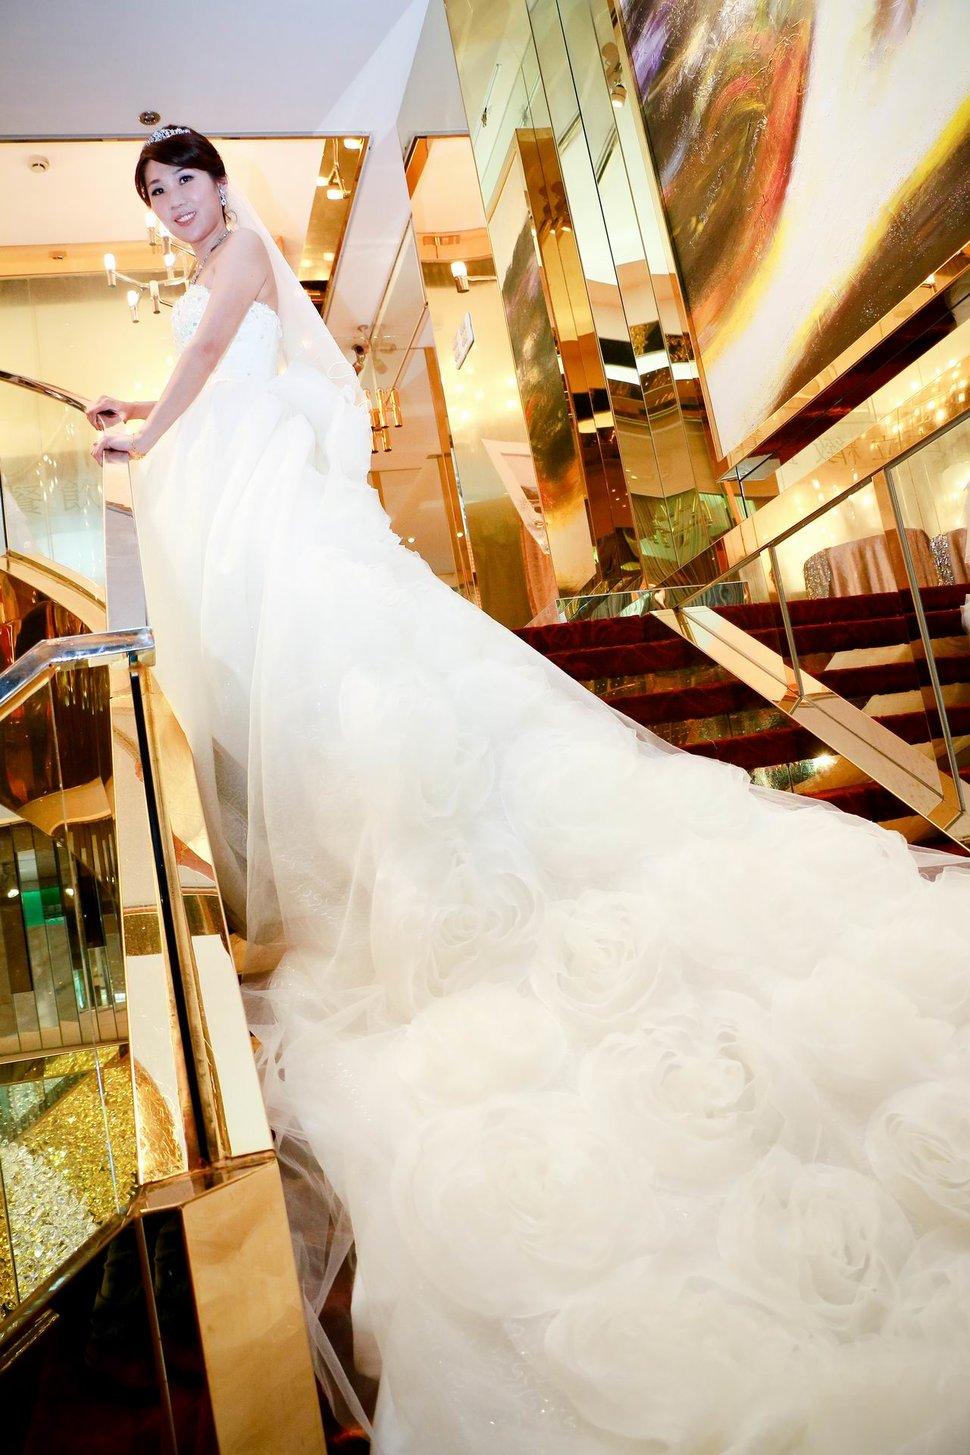 板橋吉立定結餐廳迎娶文定婚禮記錄結婚迎娶婚禮攝影動態微電影錄影專業錄影平面攝影影婚禮主持人(編號:197015) - 蜜月拍照10800錄影12800攝影團隊 - 結婚吧